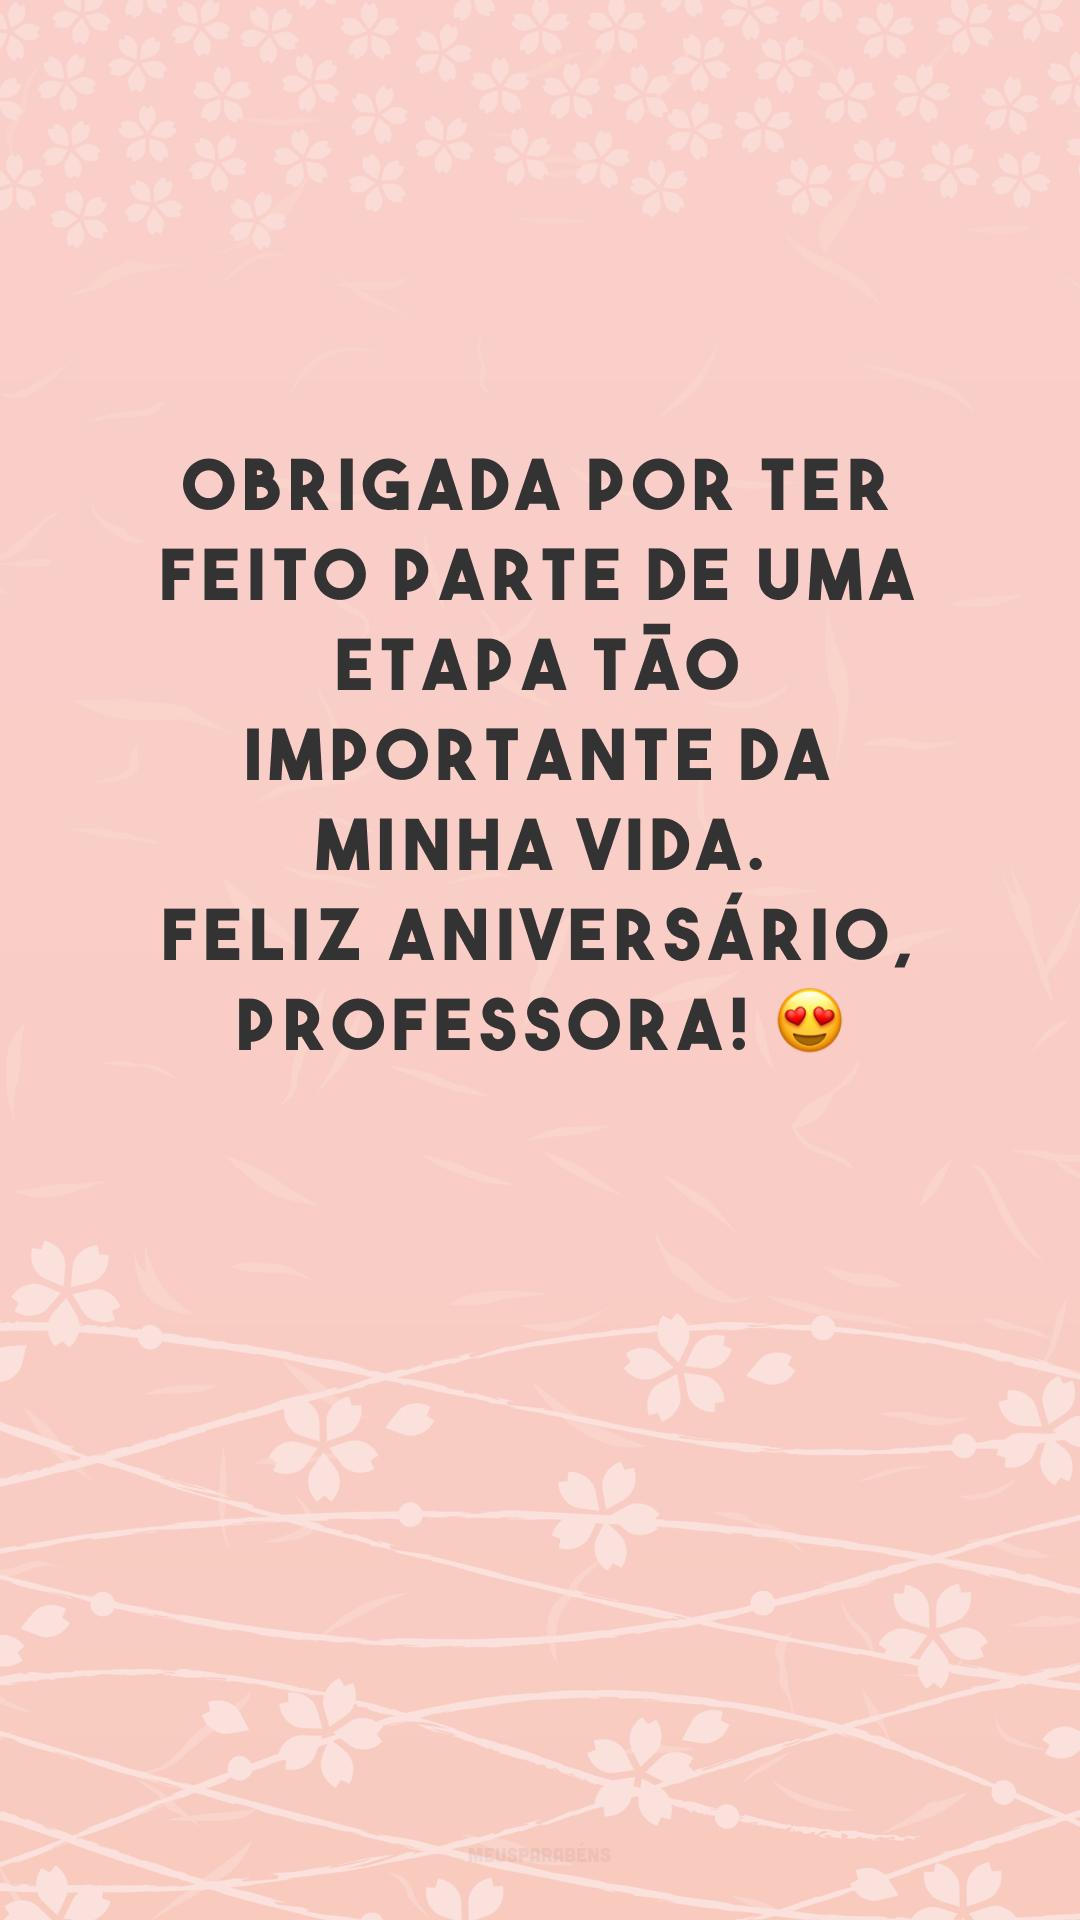 Obrigada por ter feito parte de uma etapa tão importante da minha vida. Feliz aniversário, professora! 😍